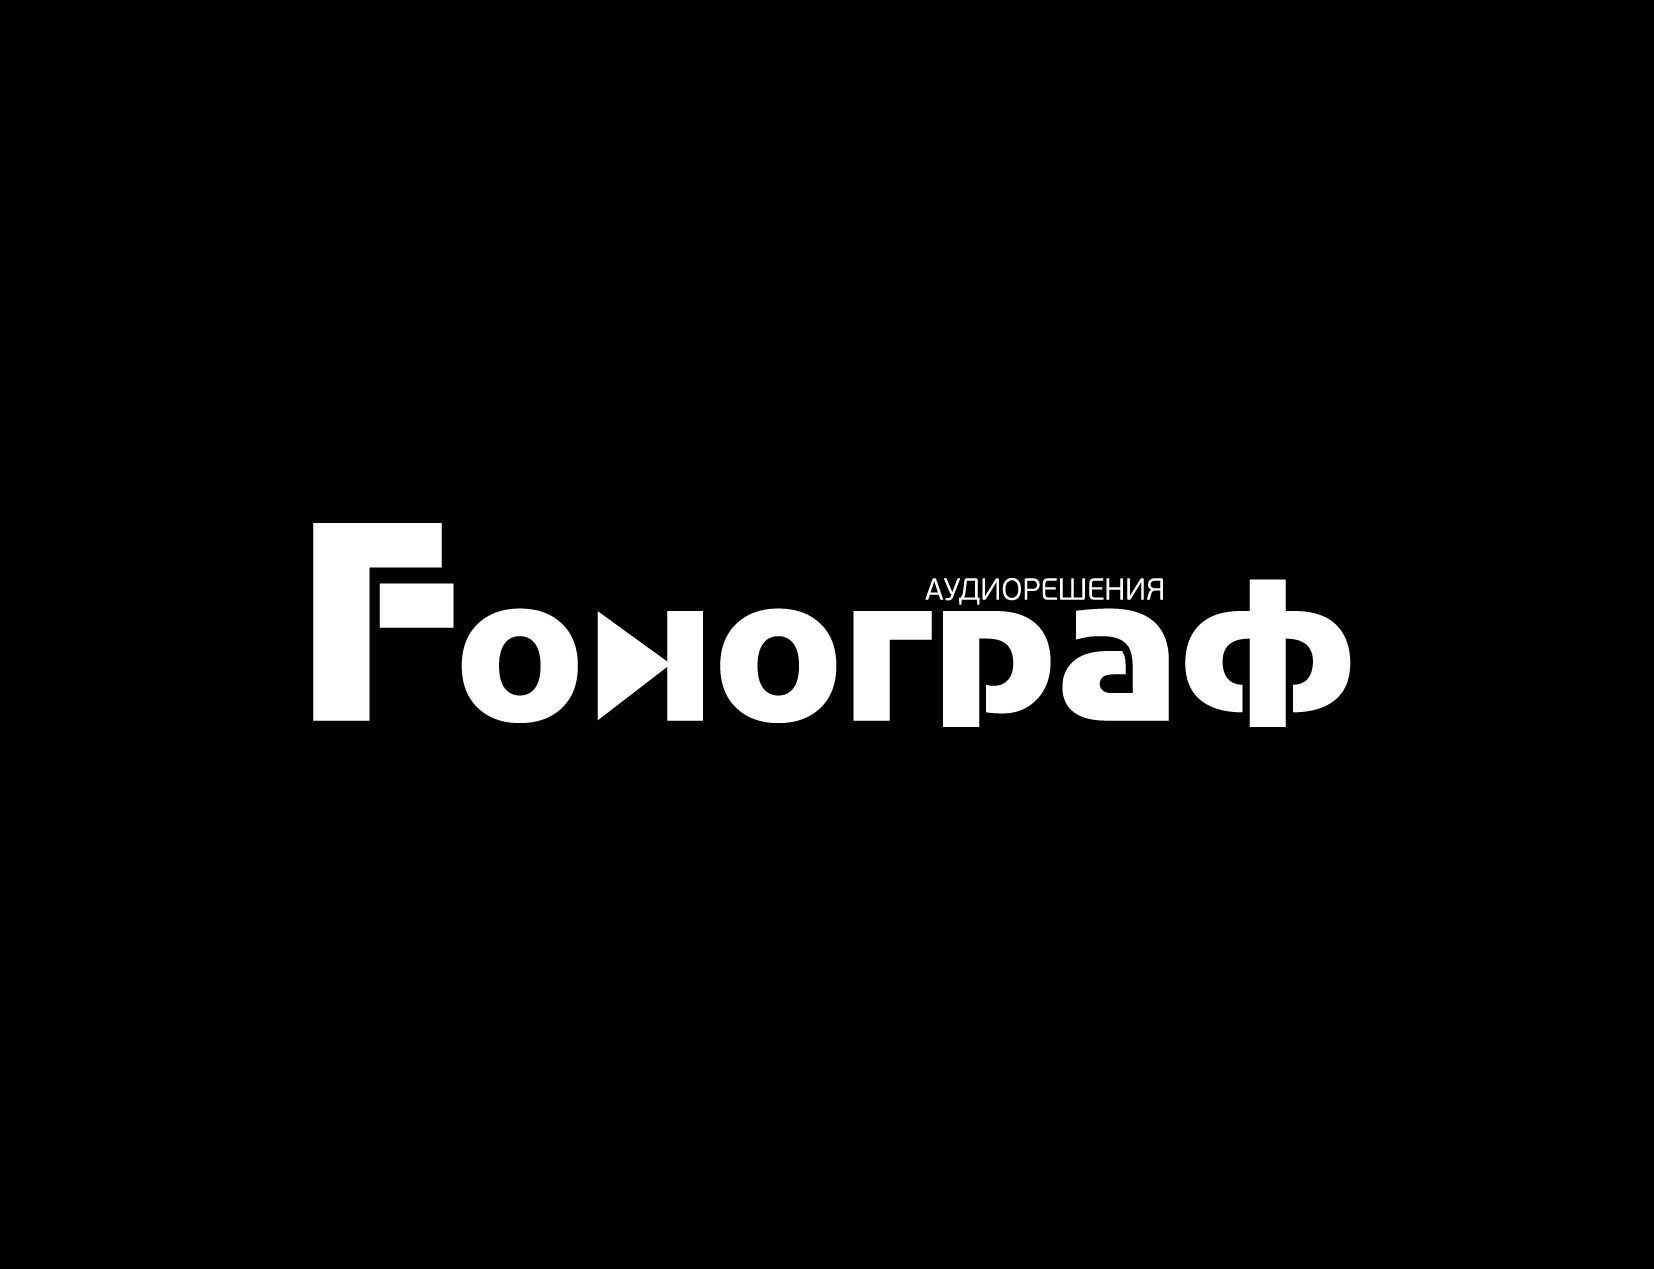 Лого и ФС для магазина аудиотехники - дизайнер PUPIK